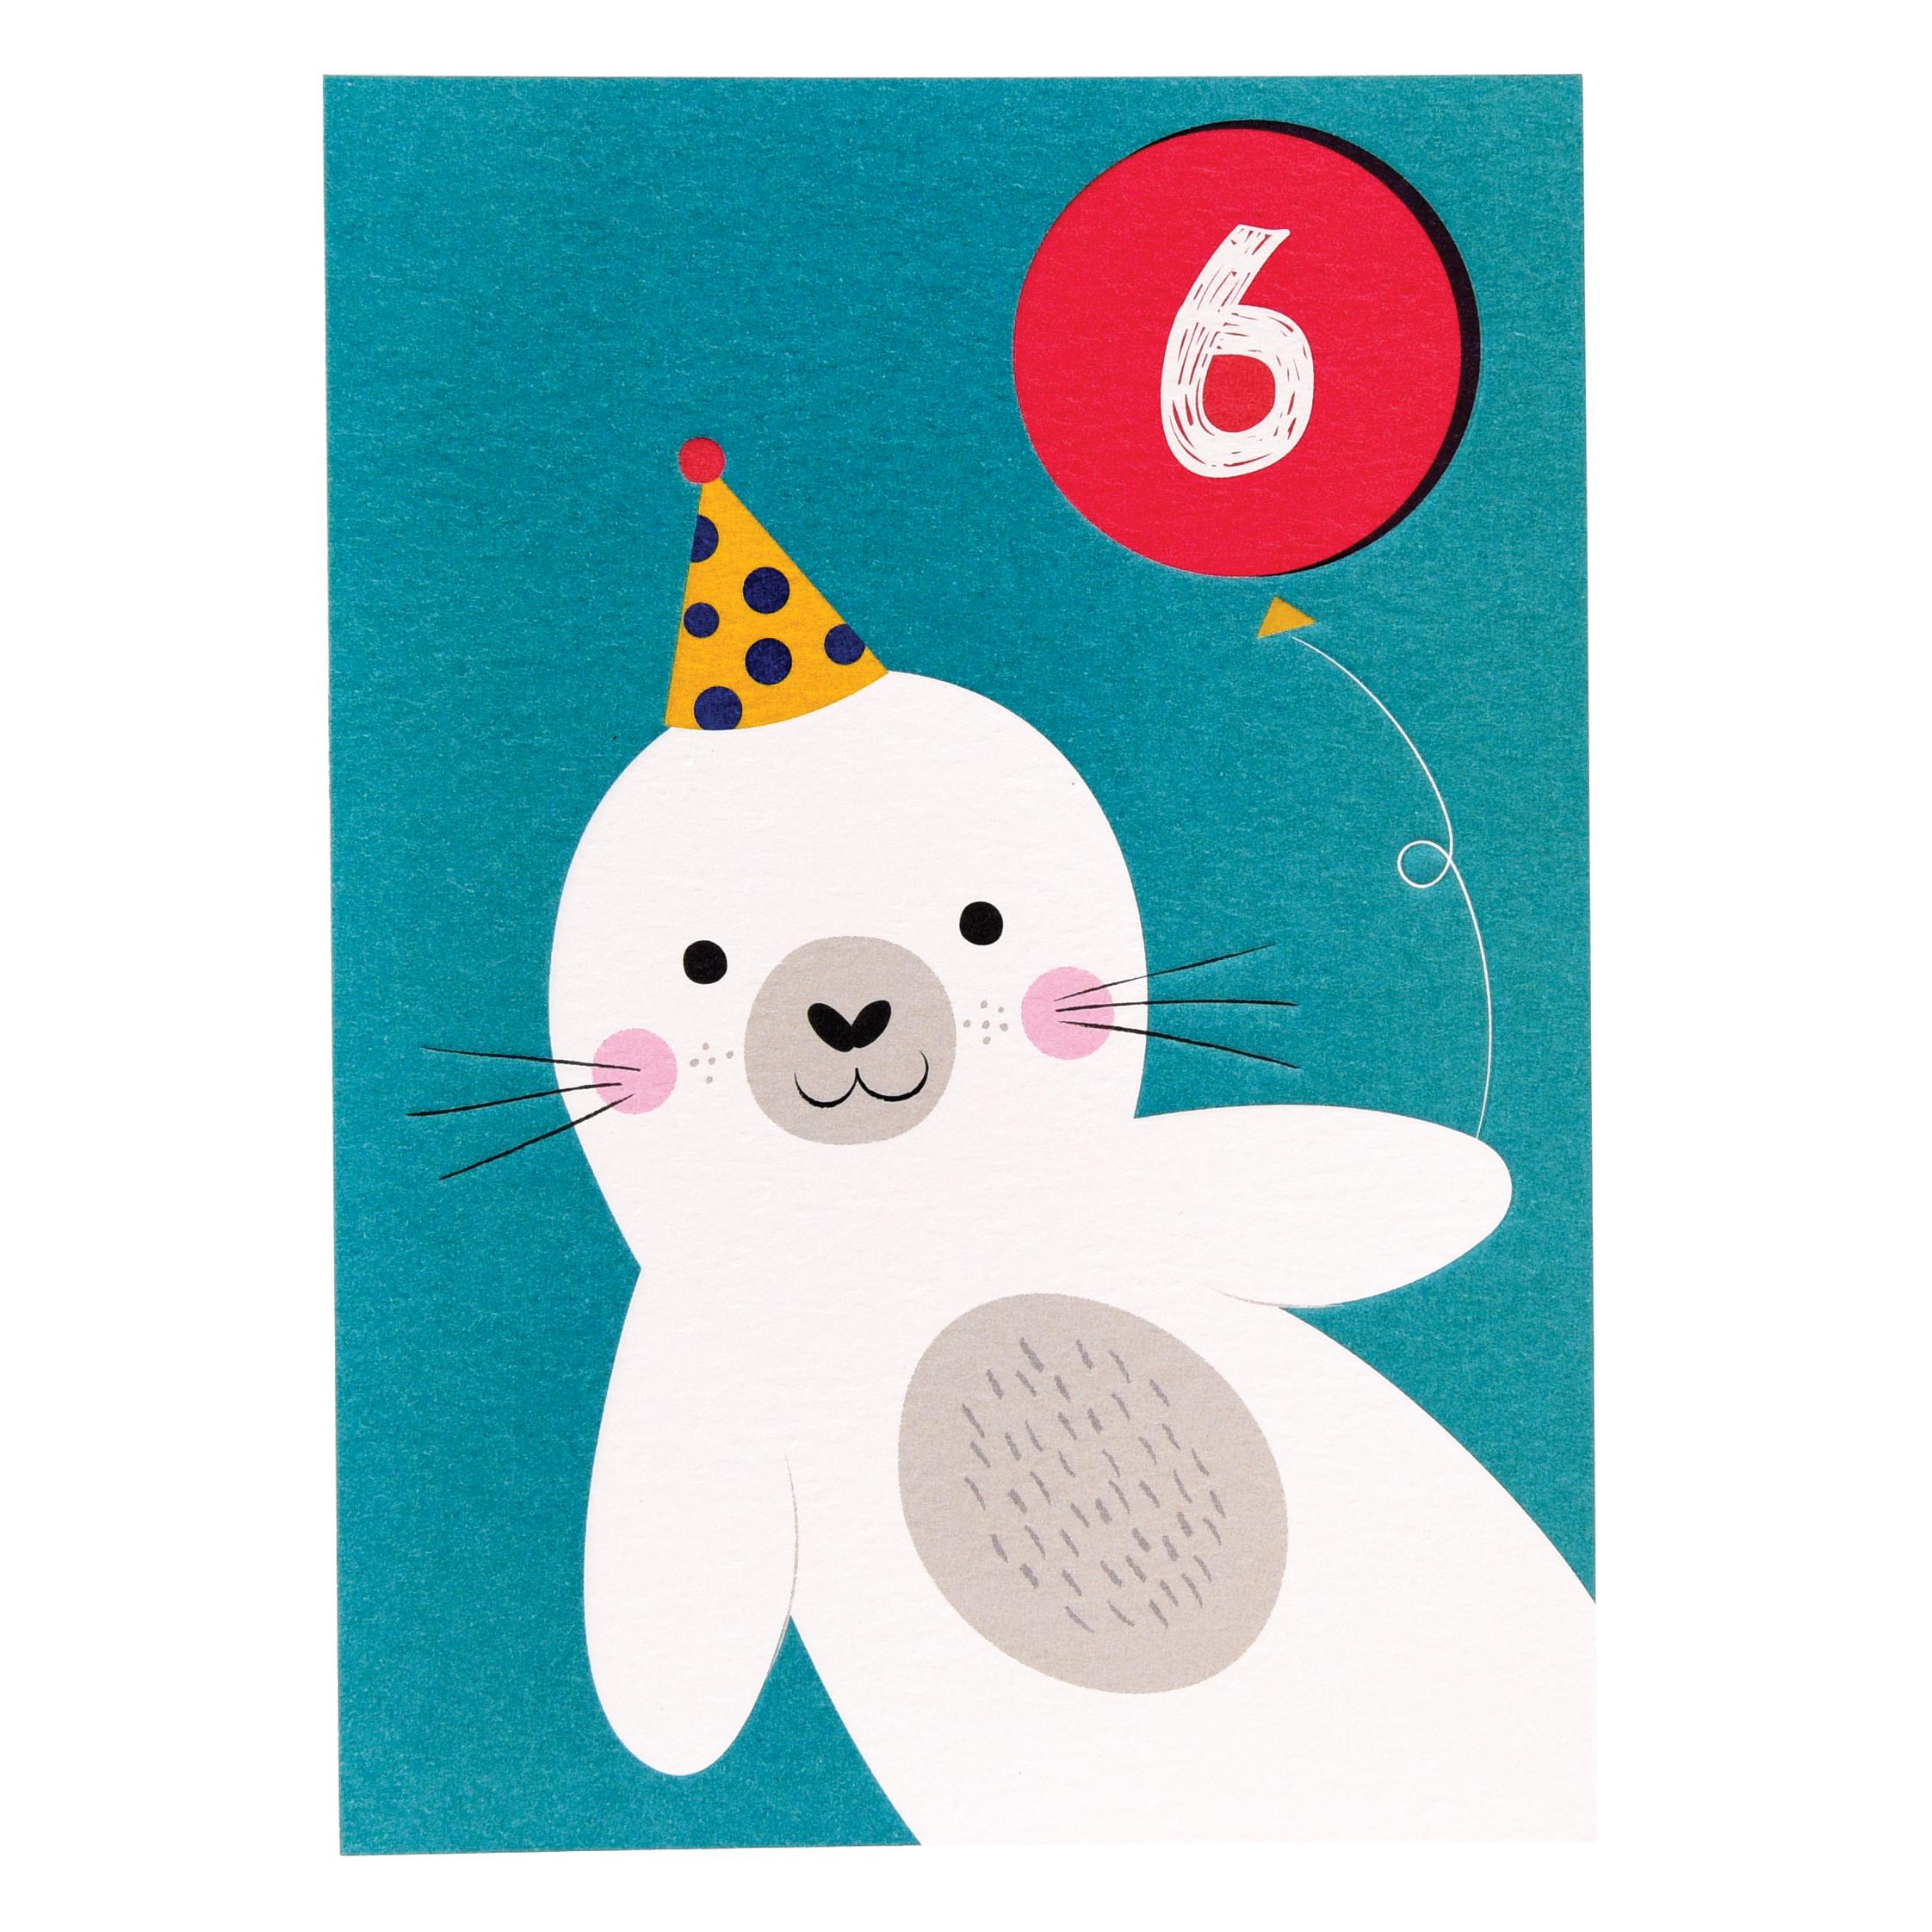 Tarjeta De Cumpleaños 6 Años Foca Rex London Vente Al Por